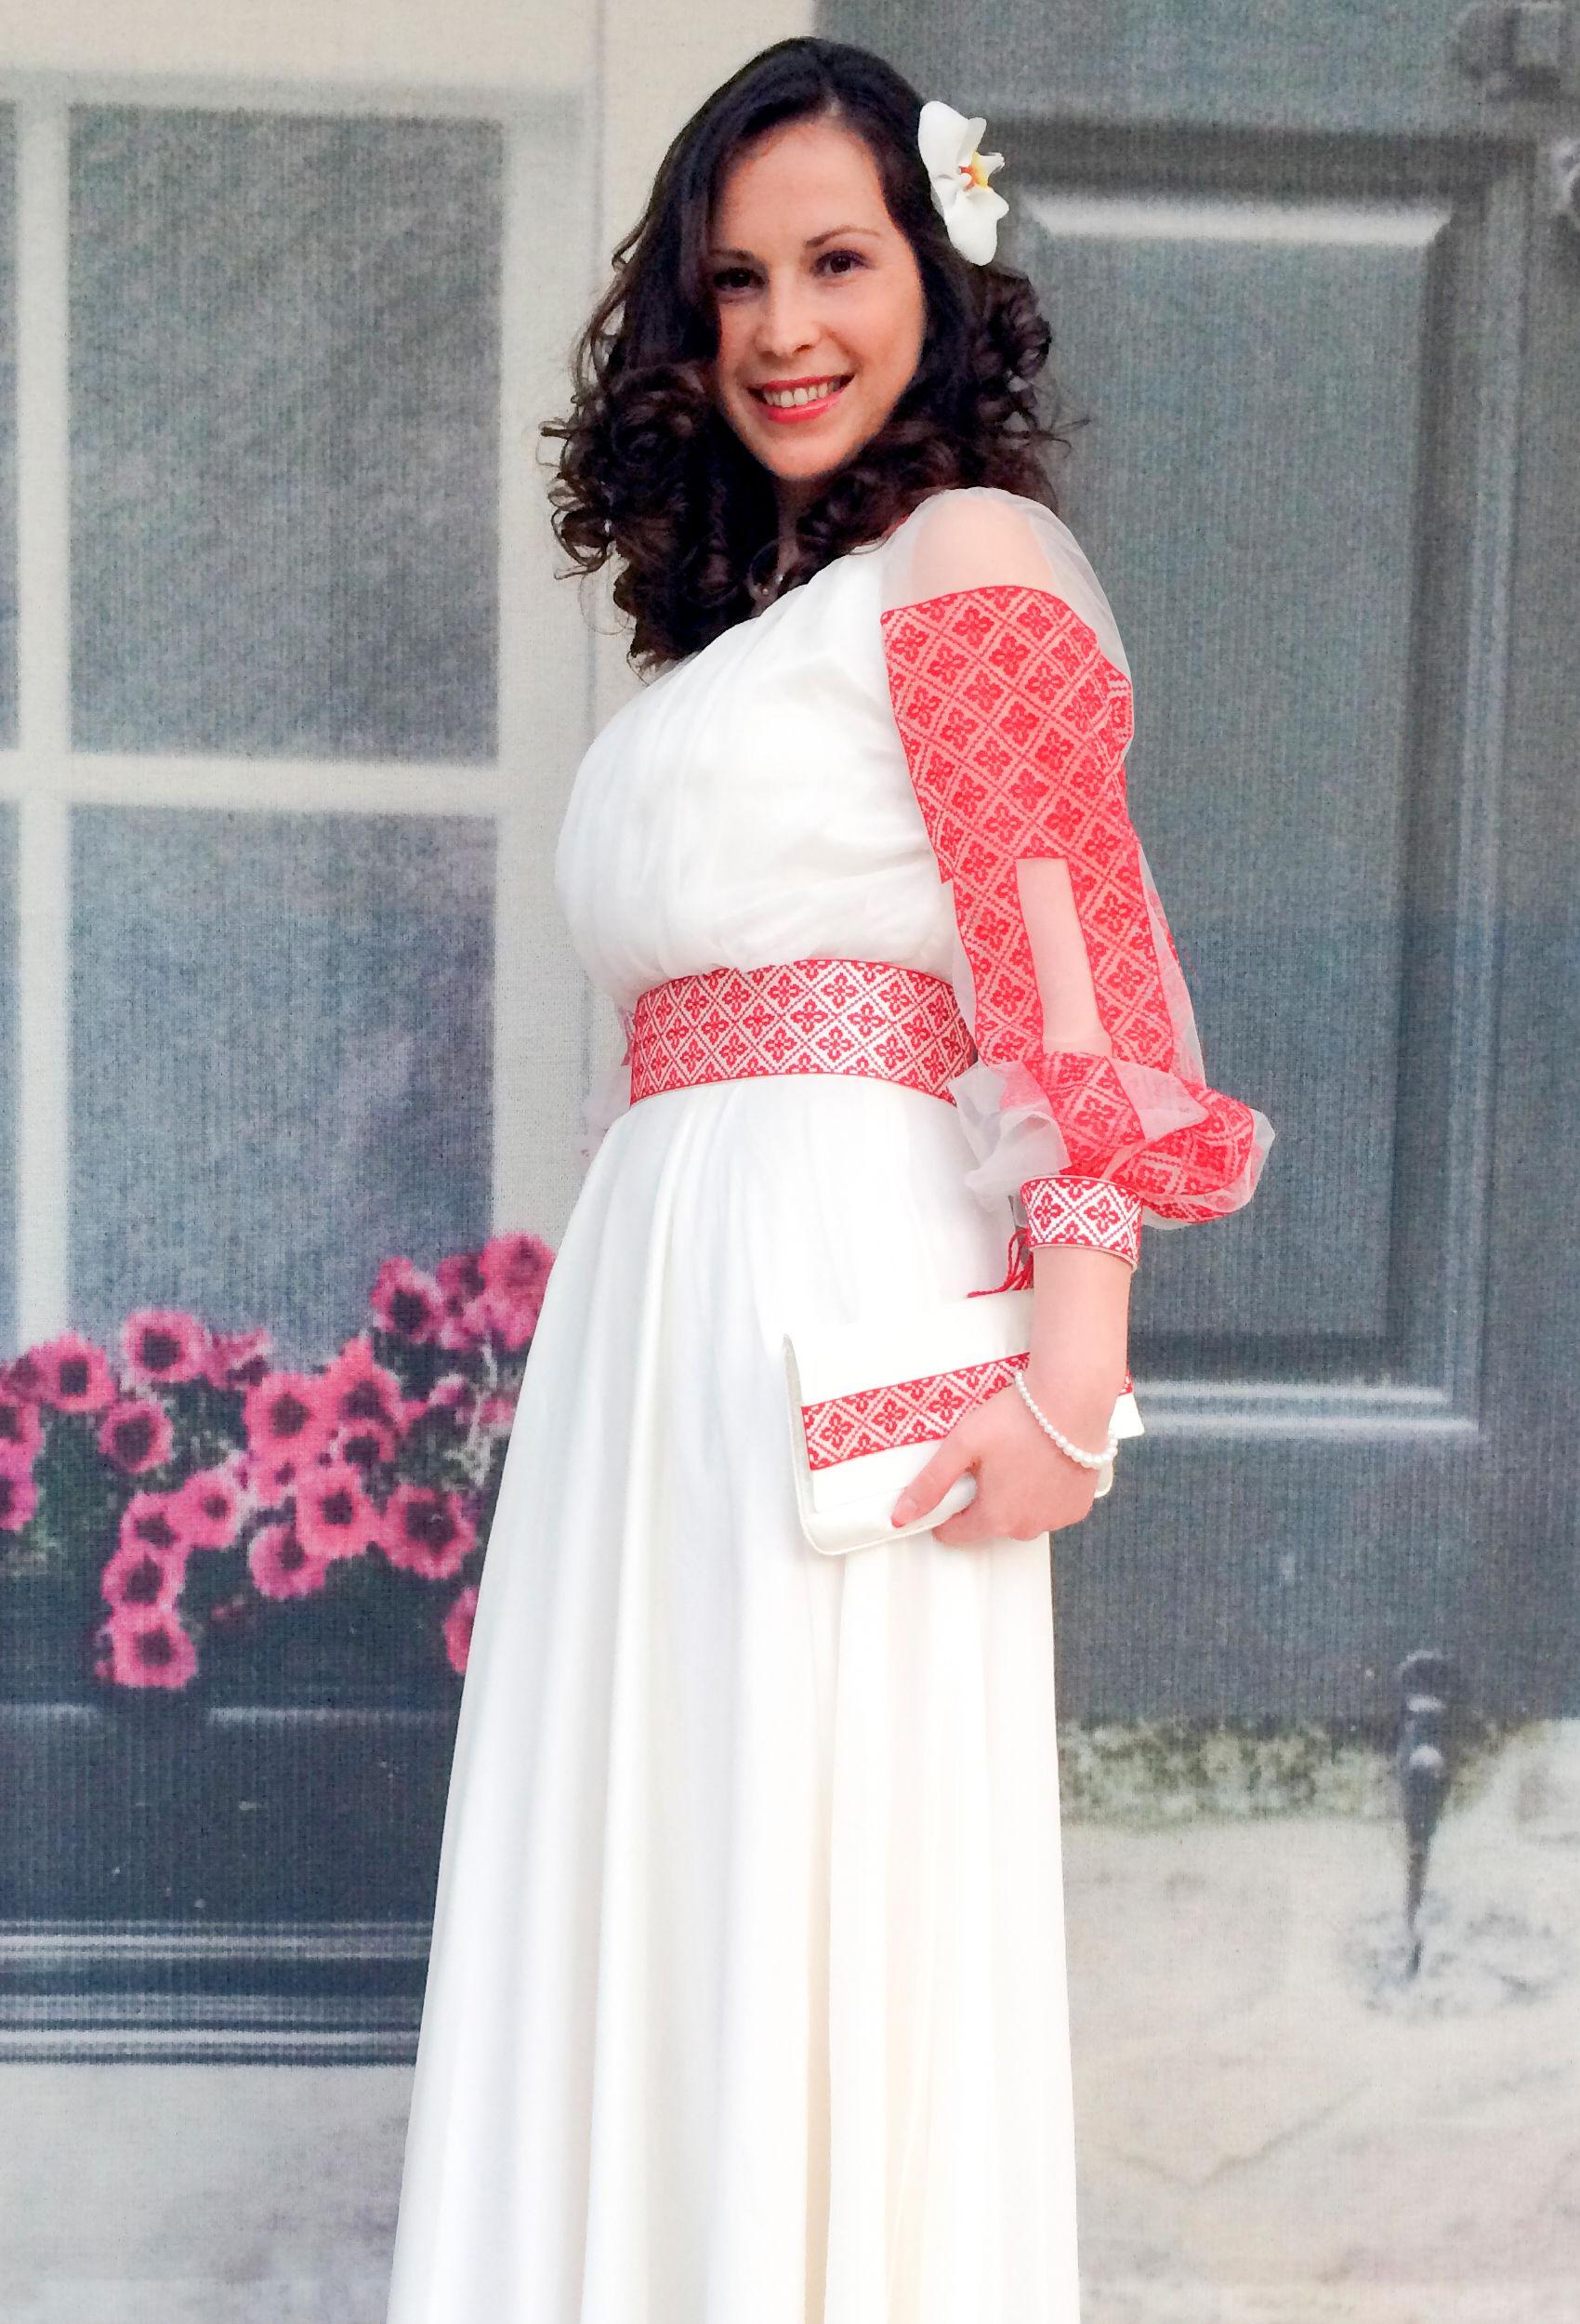 super speciale cumpărare ieftin cumpărarea ieftină Rochie Mihaela pentru nunta traditionala romaneasca | costume, ii ...